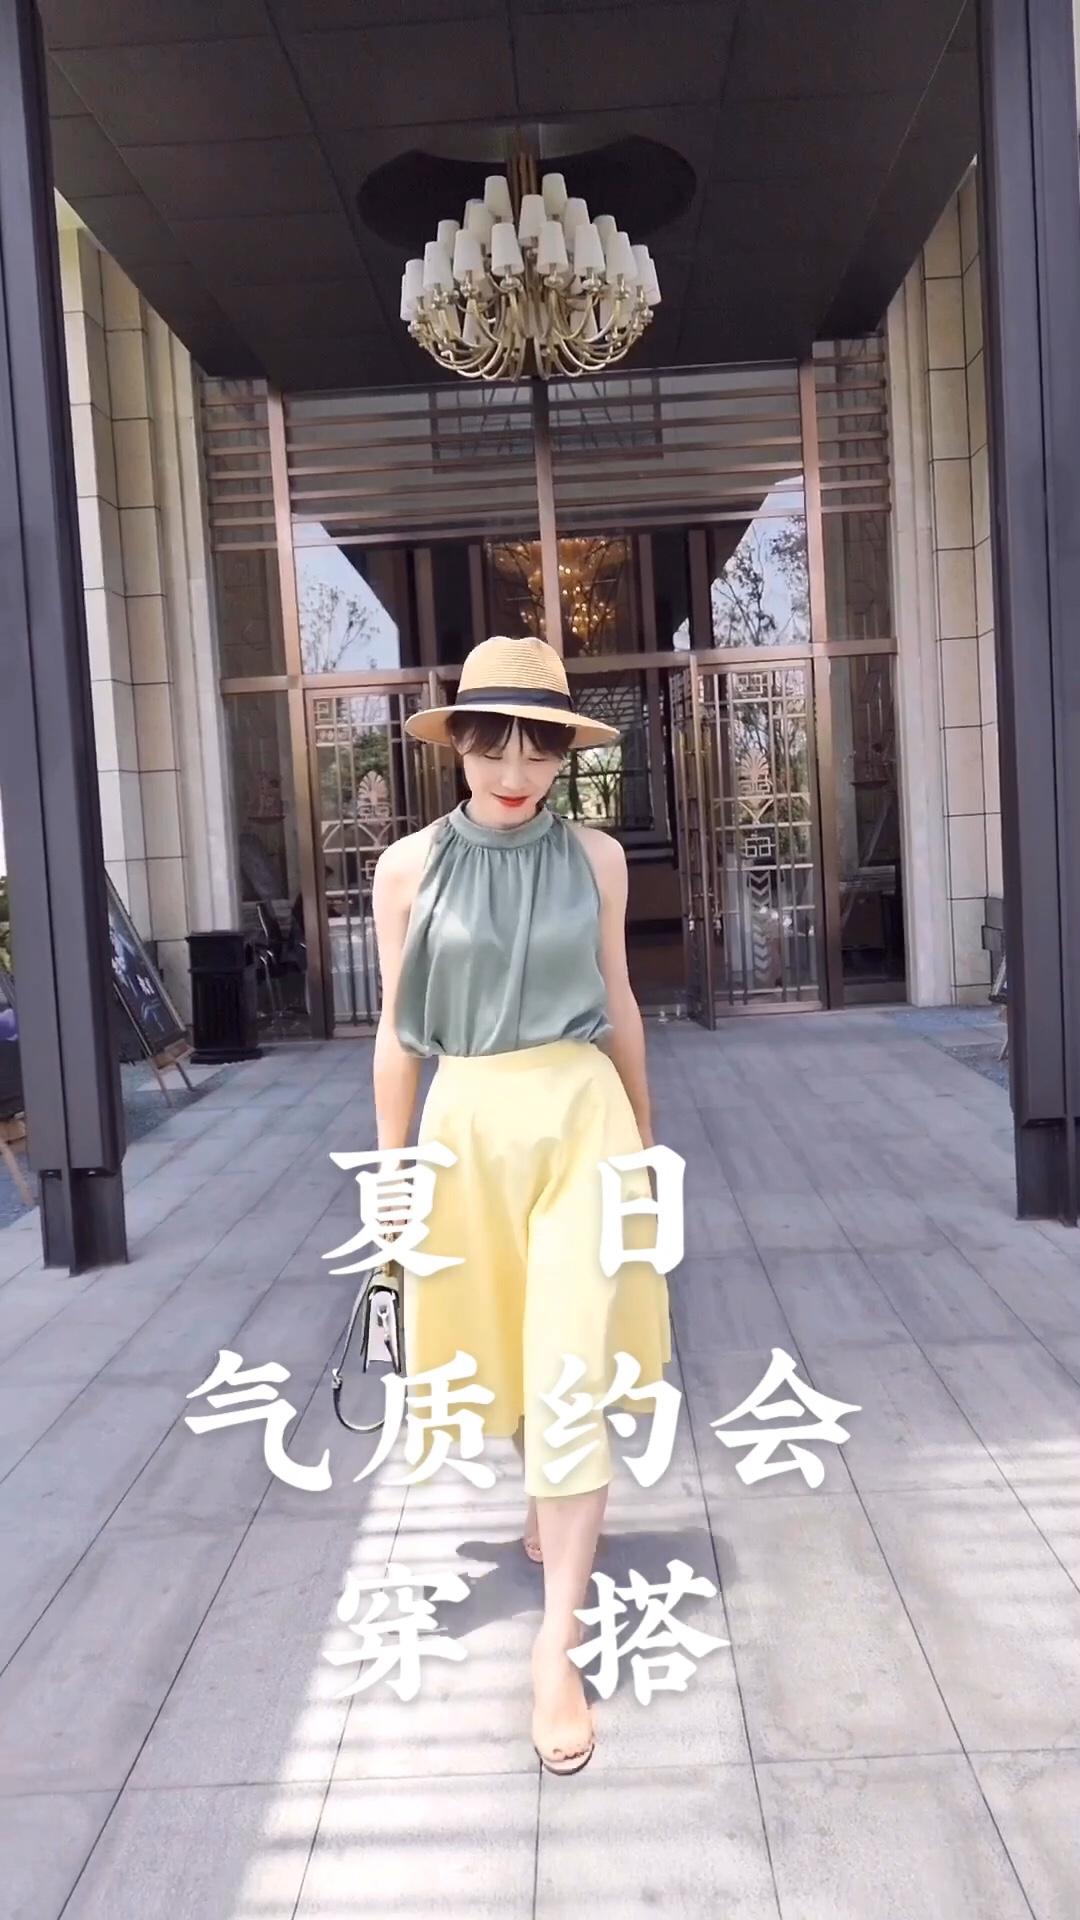 #30℃入夏甜心清凉穿搭# 大家520快乐❤️ 这套适合约会的穿搭分分享给你们,挂脖上衣刚好露出肩线,有点不经意的小性感,搭配鹅黄色伞裙,显气质优雅!